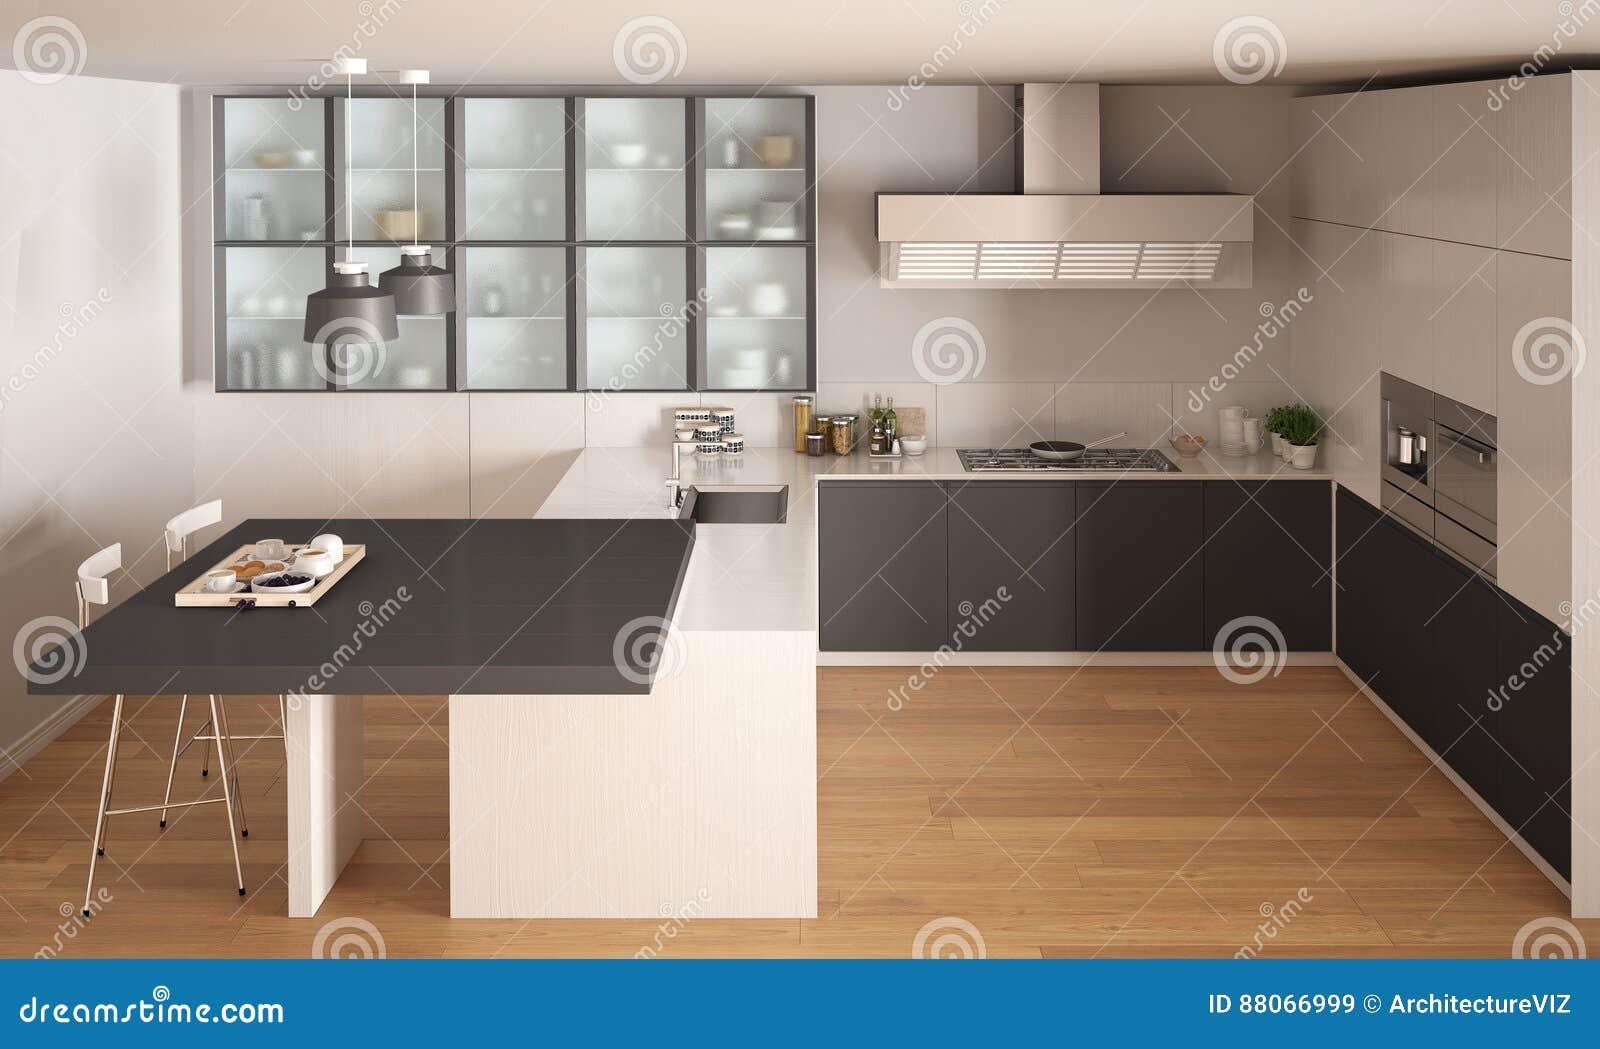 Klassische Minimale Weiße Und Graue Küche Mit Parkettboden, Moder .